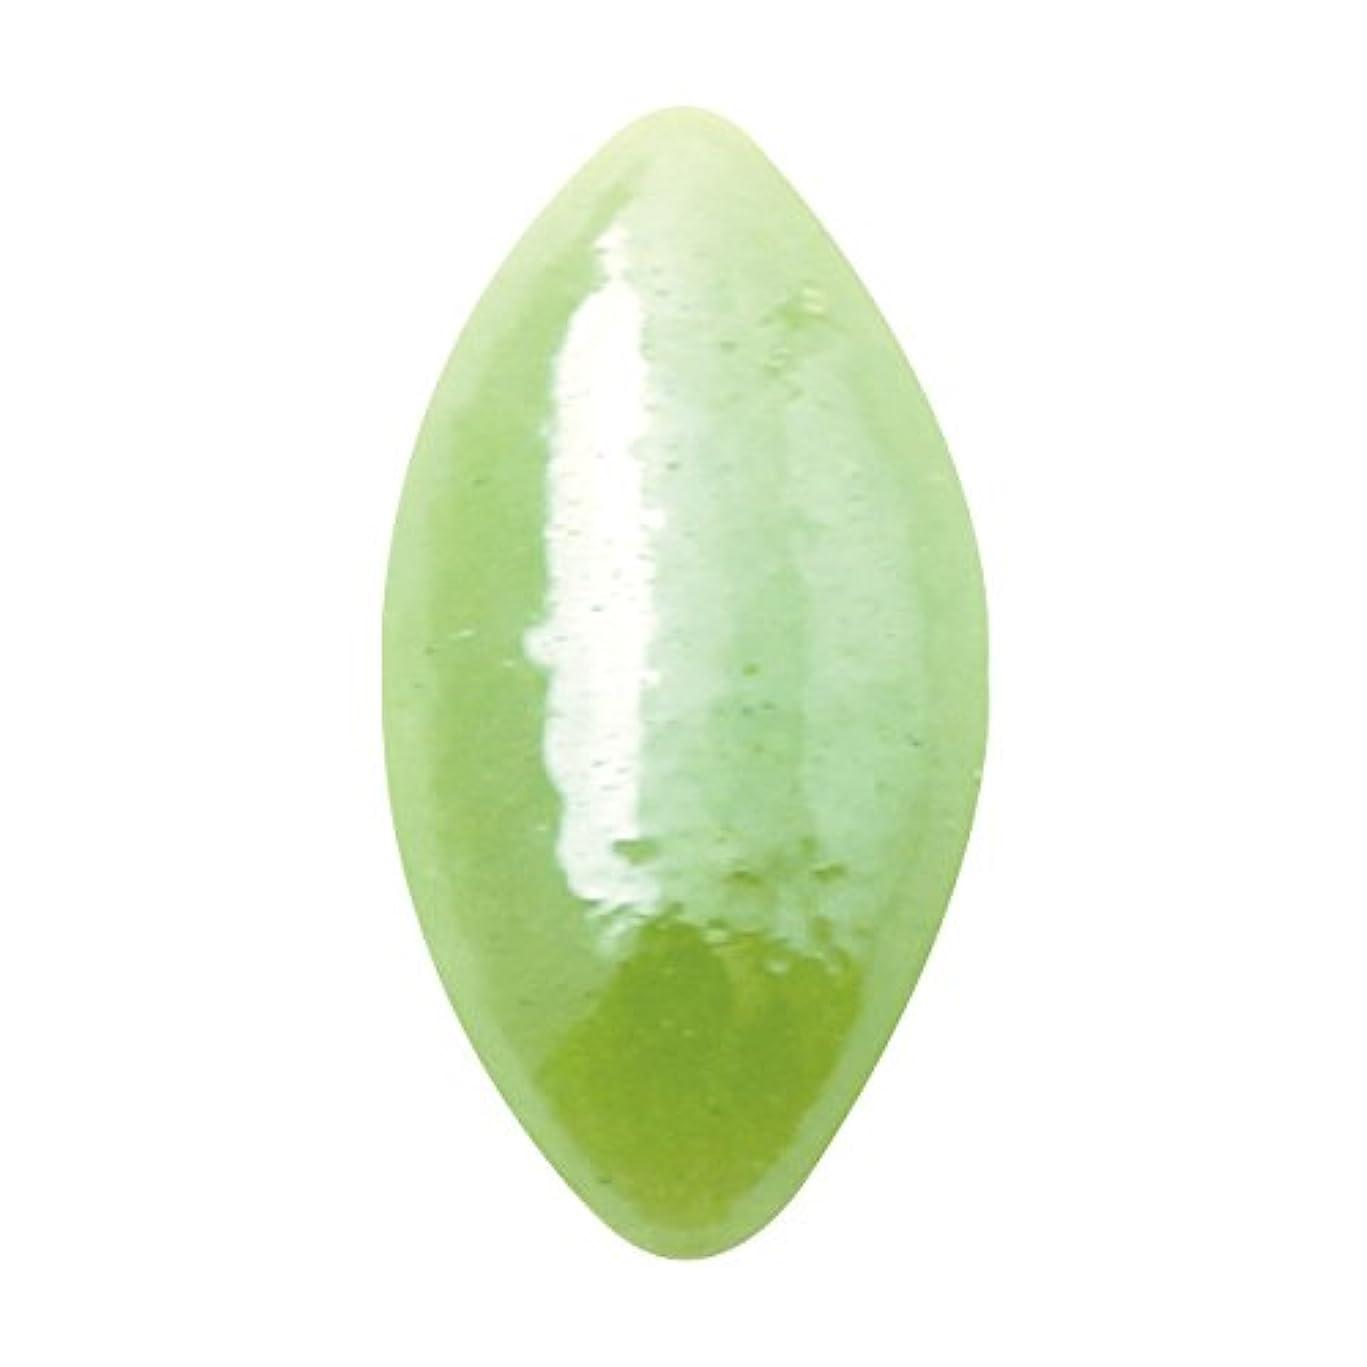 偽善病なベースグラスパールリーフ 3x6mm(各30個) グリーン